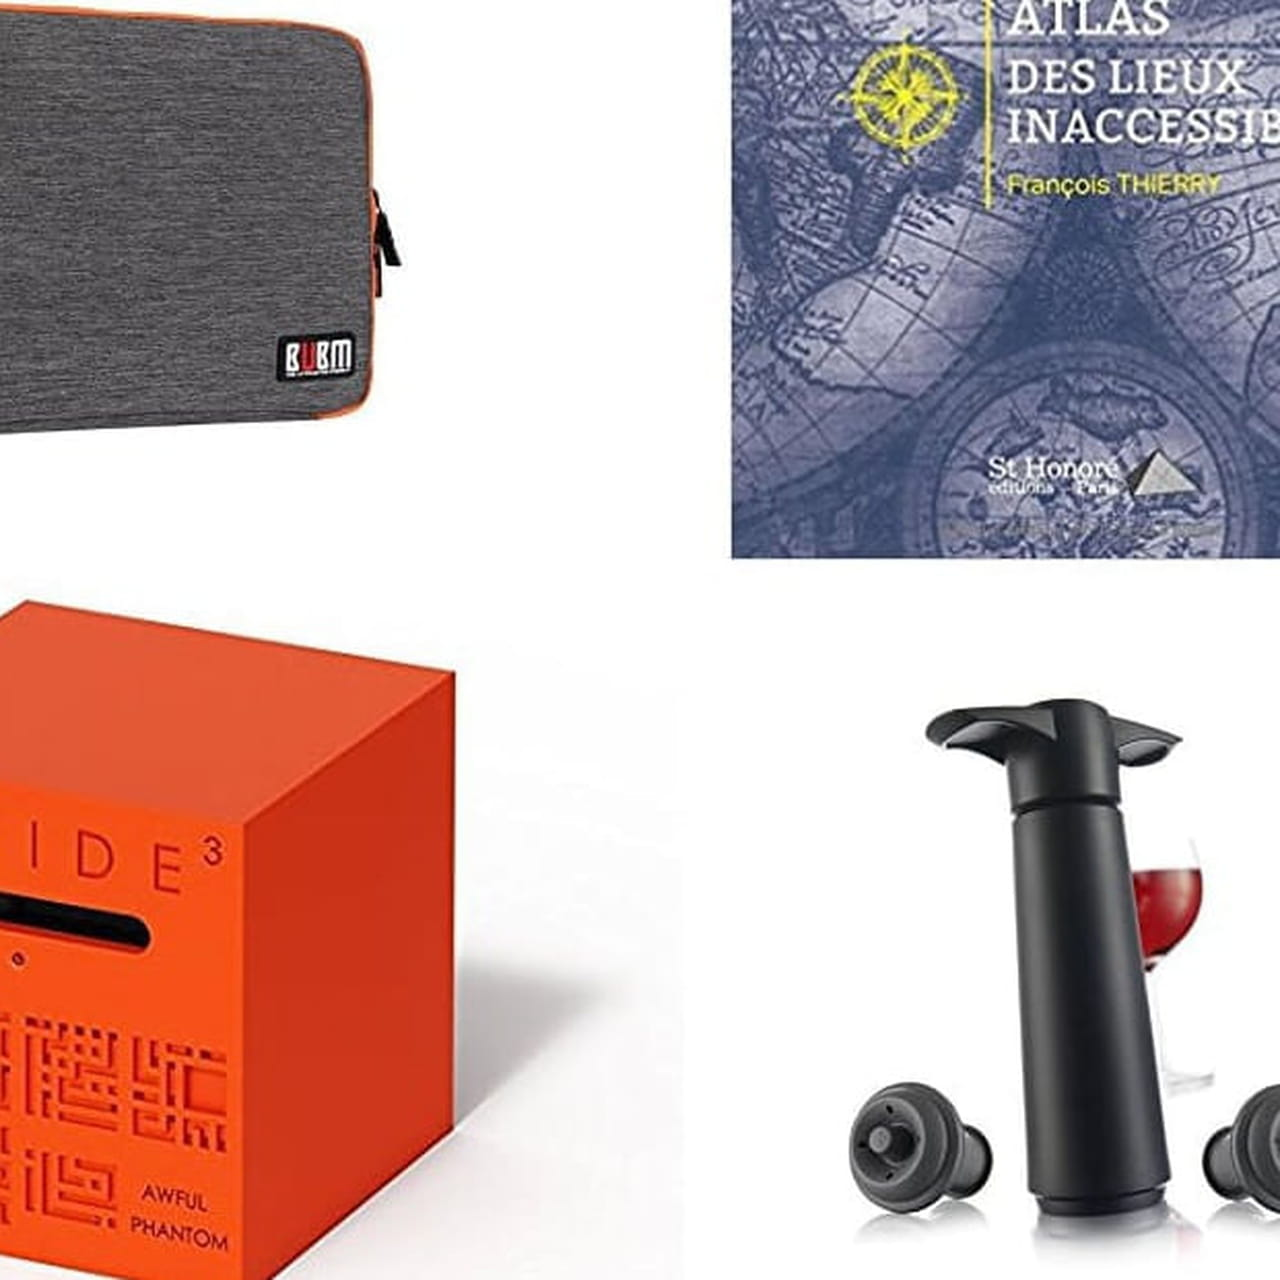 Cadeau CherÀ 510 Ou Cadeaux 20 EurosPlein D'idées Noël Pas De Qhdstr